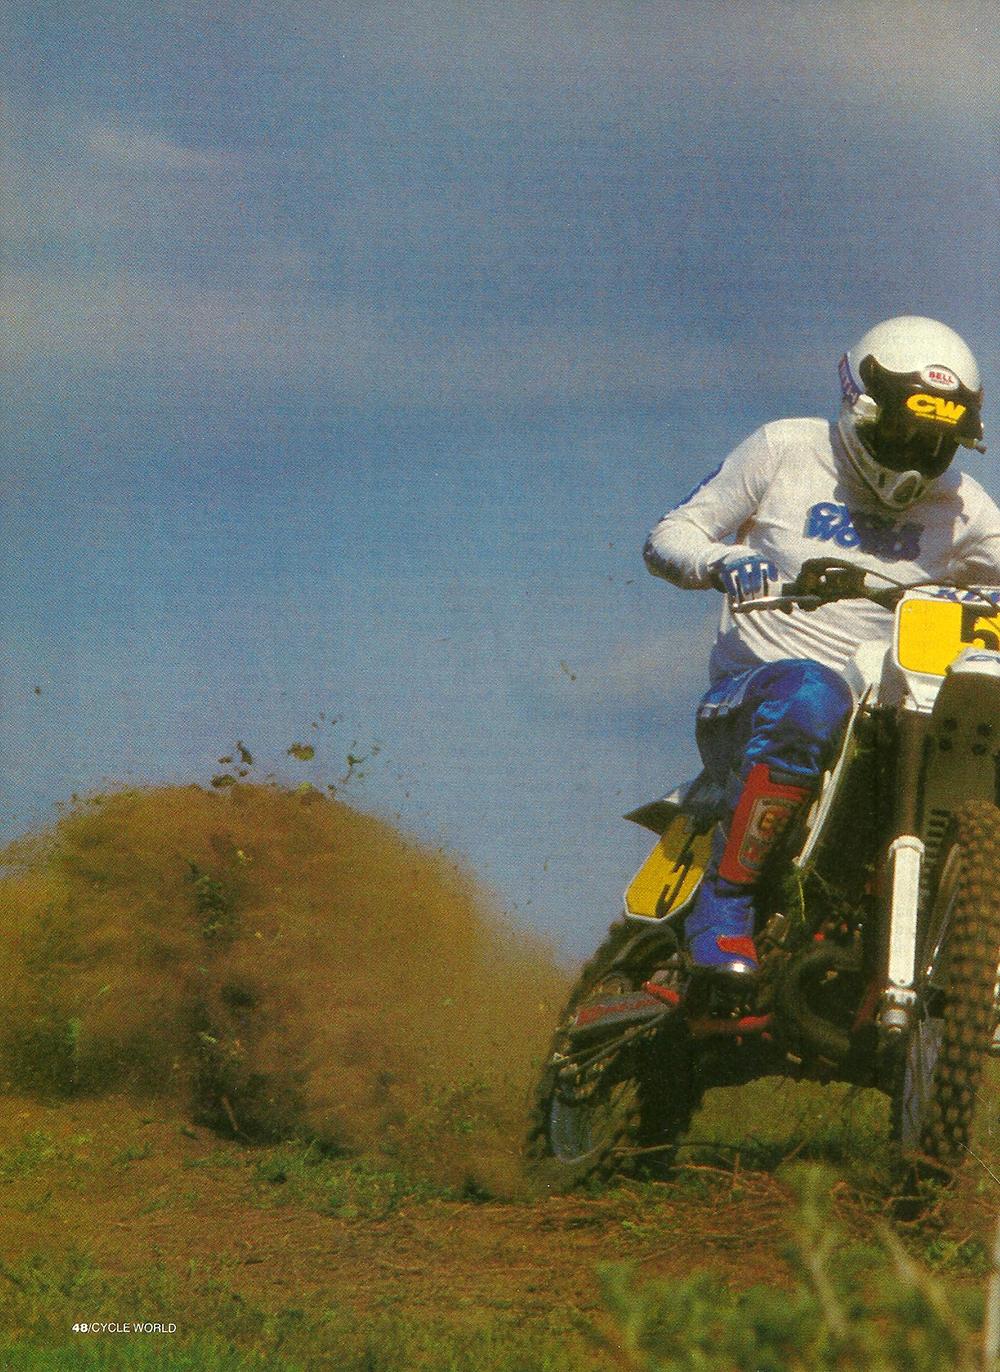 1985 KTM 500 MXC road test 01.jpg